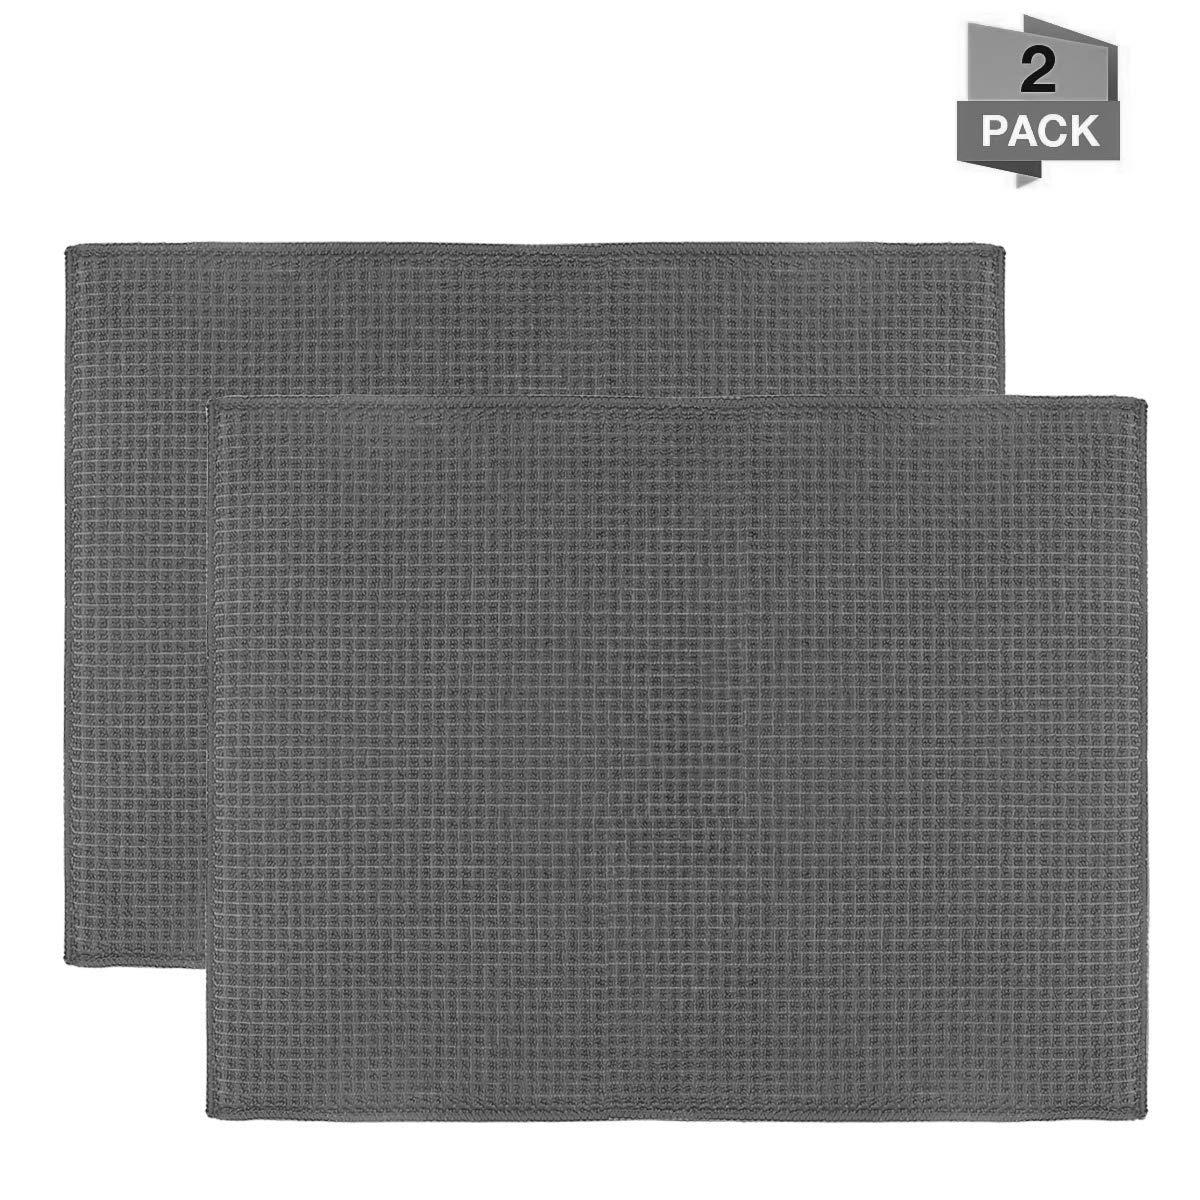 /égouttoir /à Vaisselle /à s/échage Rapide pour Cuisine Lavable en Machine 51 x 38 CM Accessoires de Table ULABLE Lot de 2 Tapis de s/échage en Microfibre comptoir